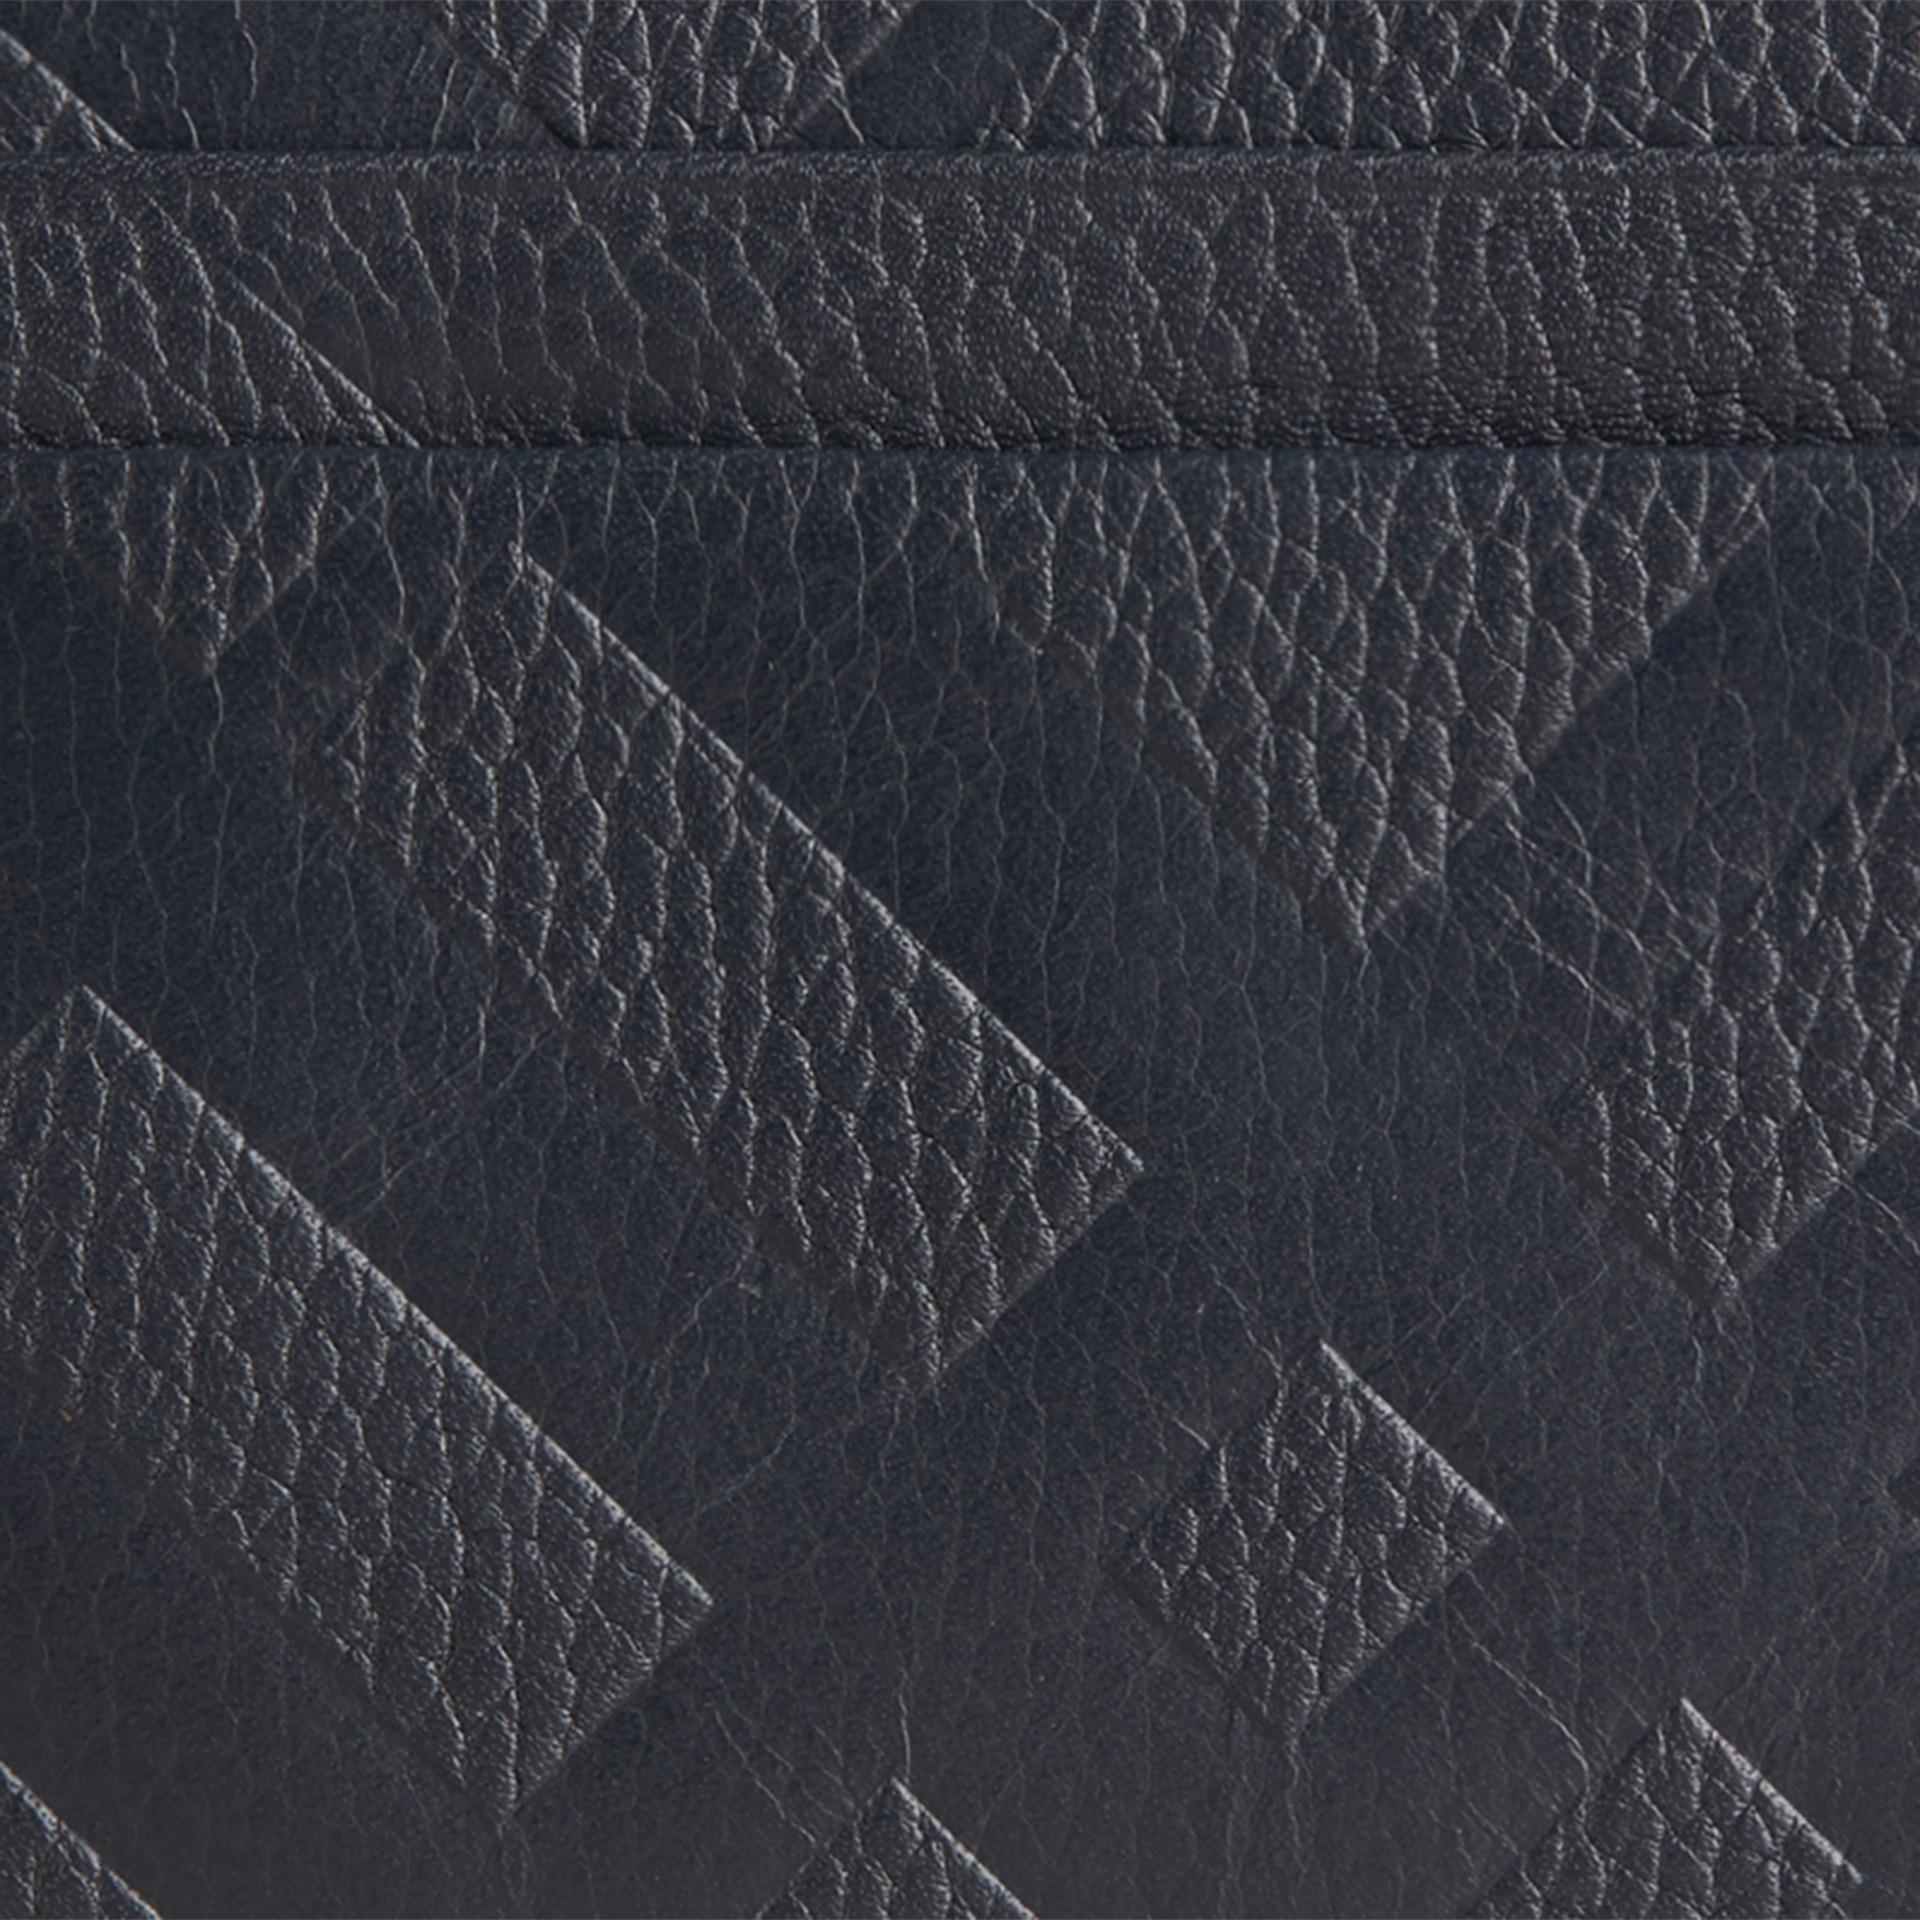 Bleu étain sombre Porte-cartes en cuir à motif check estampé Bleu Étain Sombre - photo de la galerie 2